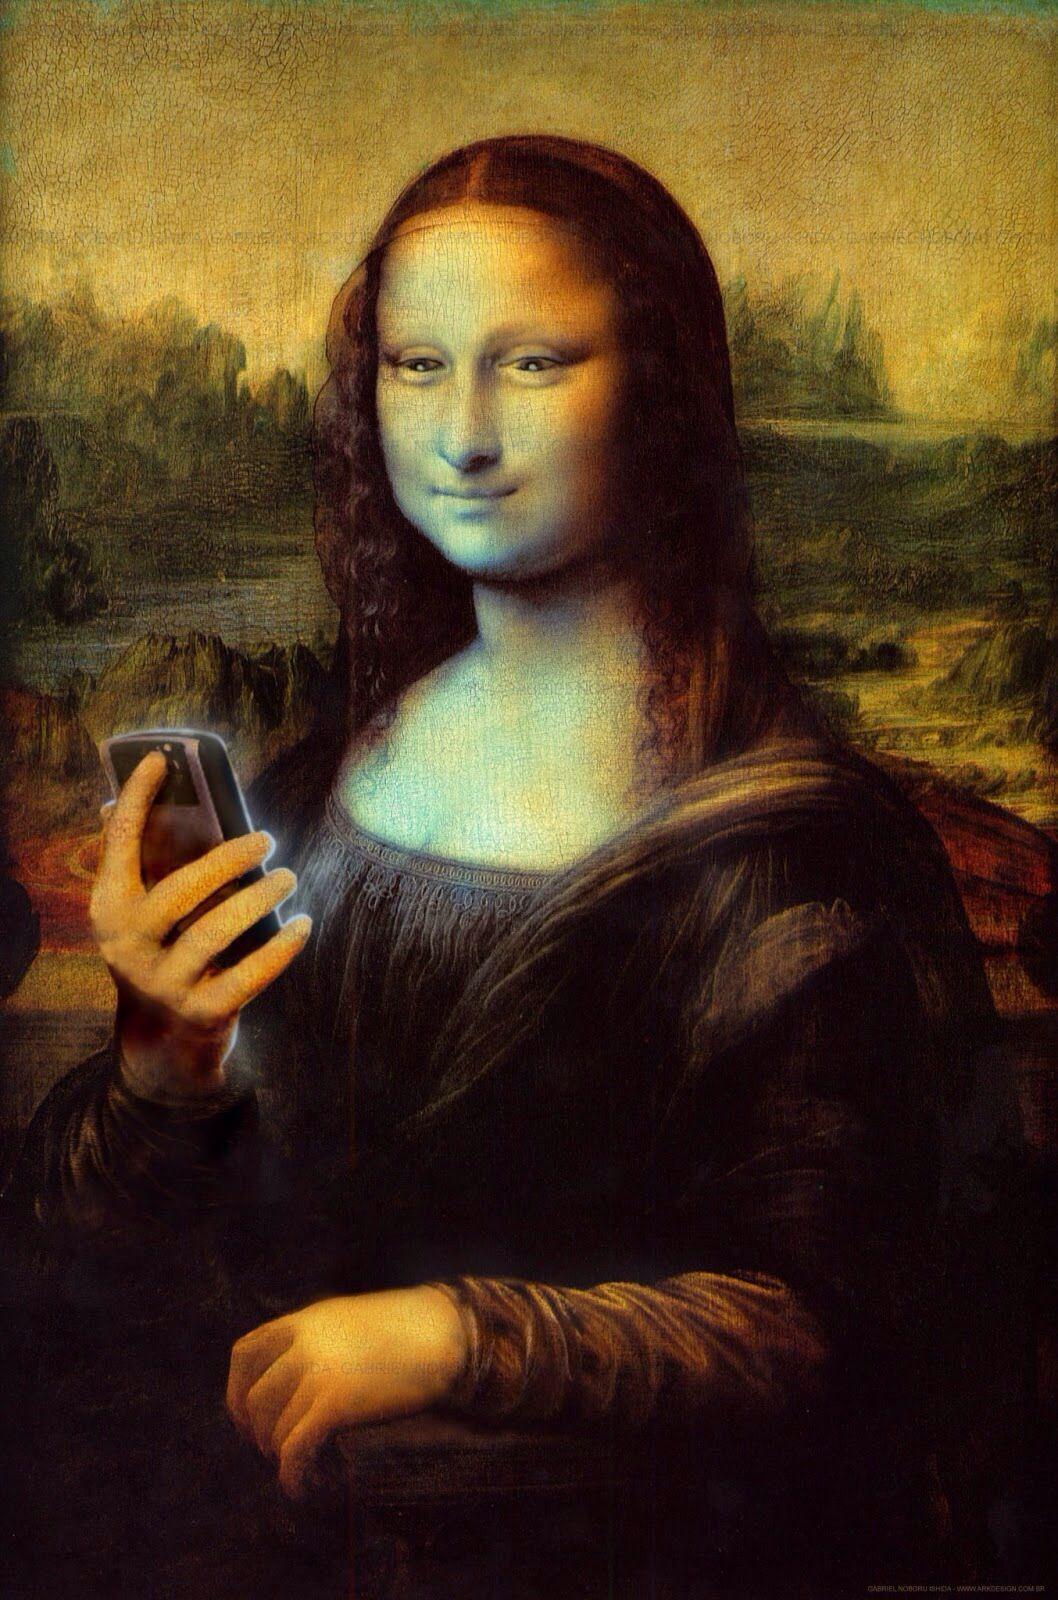 Mona Lisa holding a cell phone art | Mona Lisa Art | Mona ...